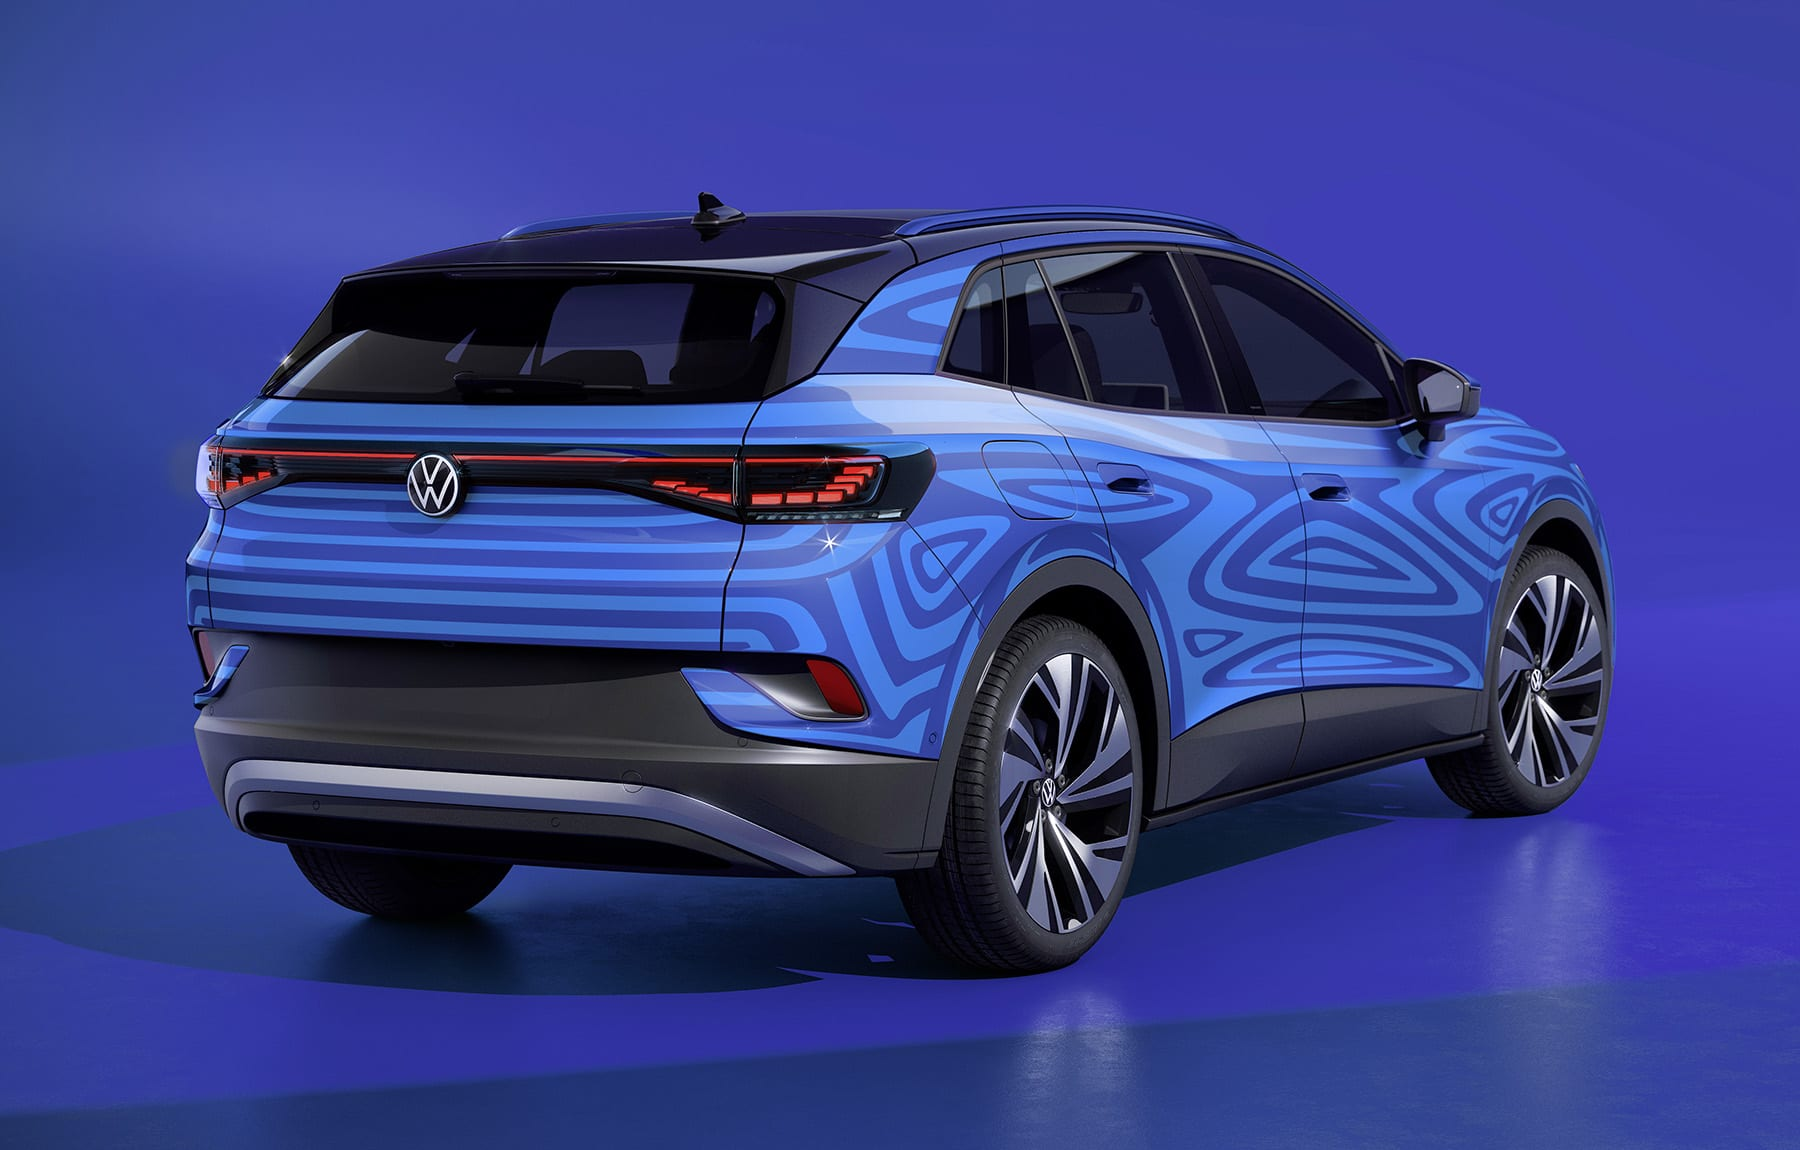 Volkswagen ID.4 crossover EV electric car